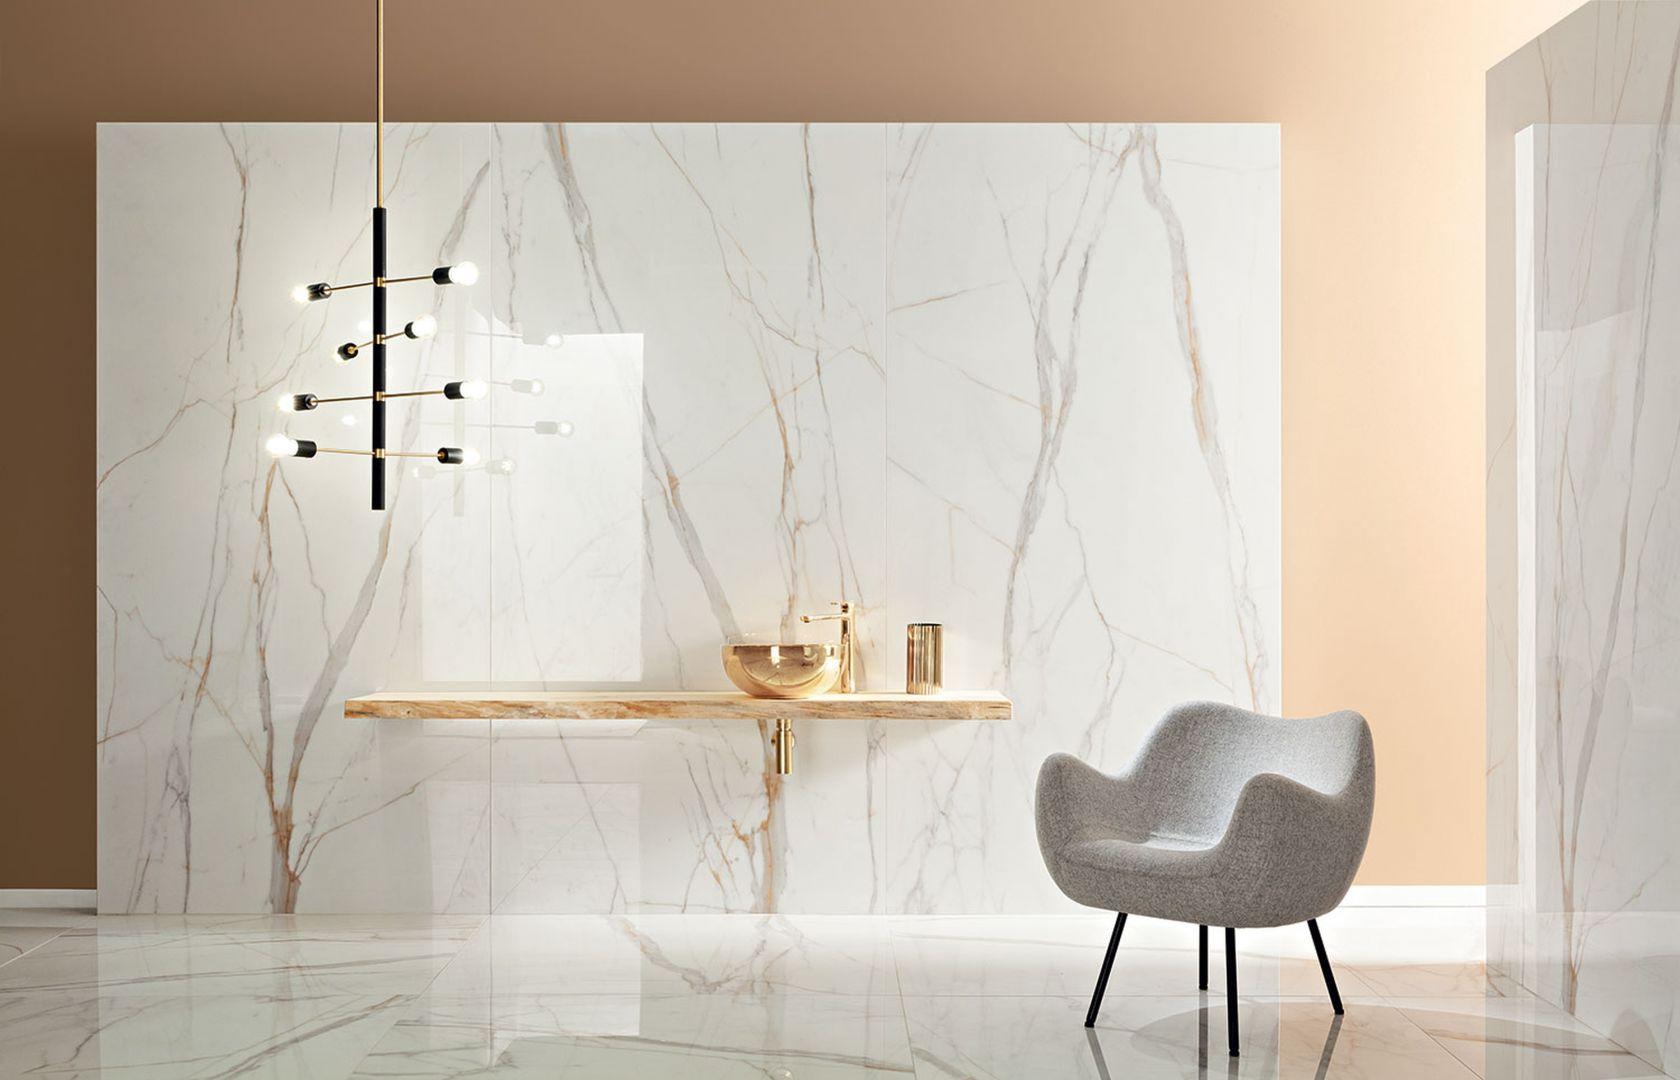 Płytki z kolekcji Marmo D'Oro wiernie oddają strukturę białego marmuru, przywodząc jednocześnie na myśl technikę kintsugi (zwaną też kintsukuroi). Fot. Tubądzin. CENA: 120x240 MAT – 299,87 zł/m2, 120x240 POL – 349,94 zł/m2